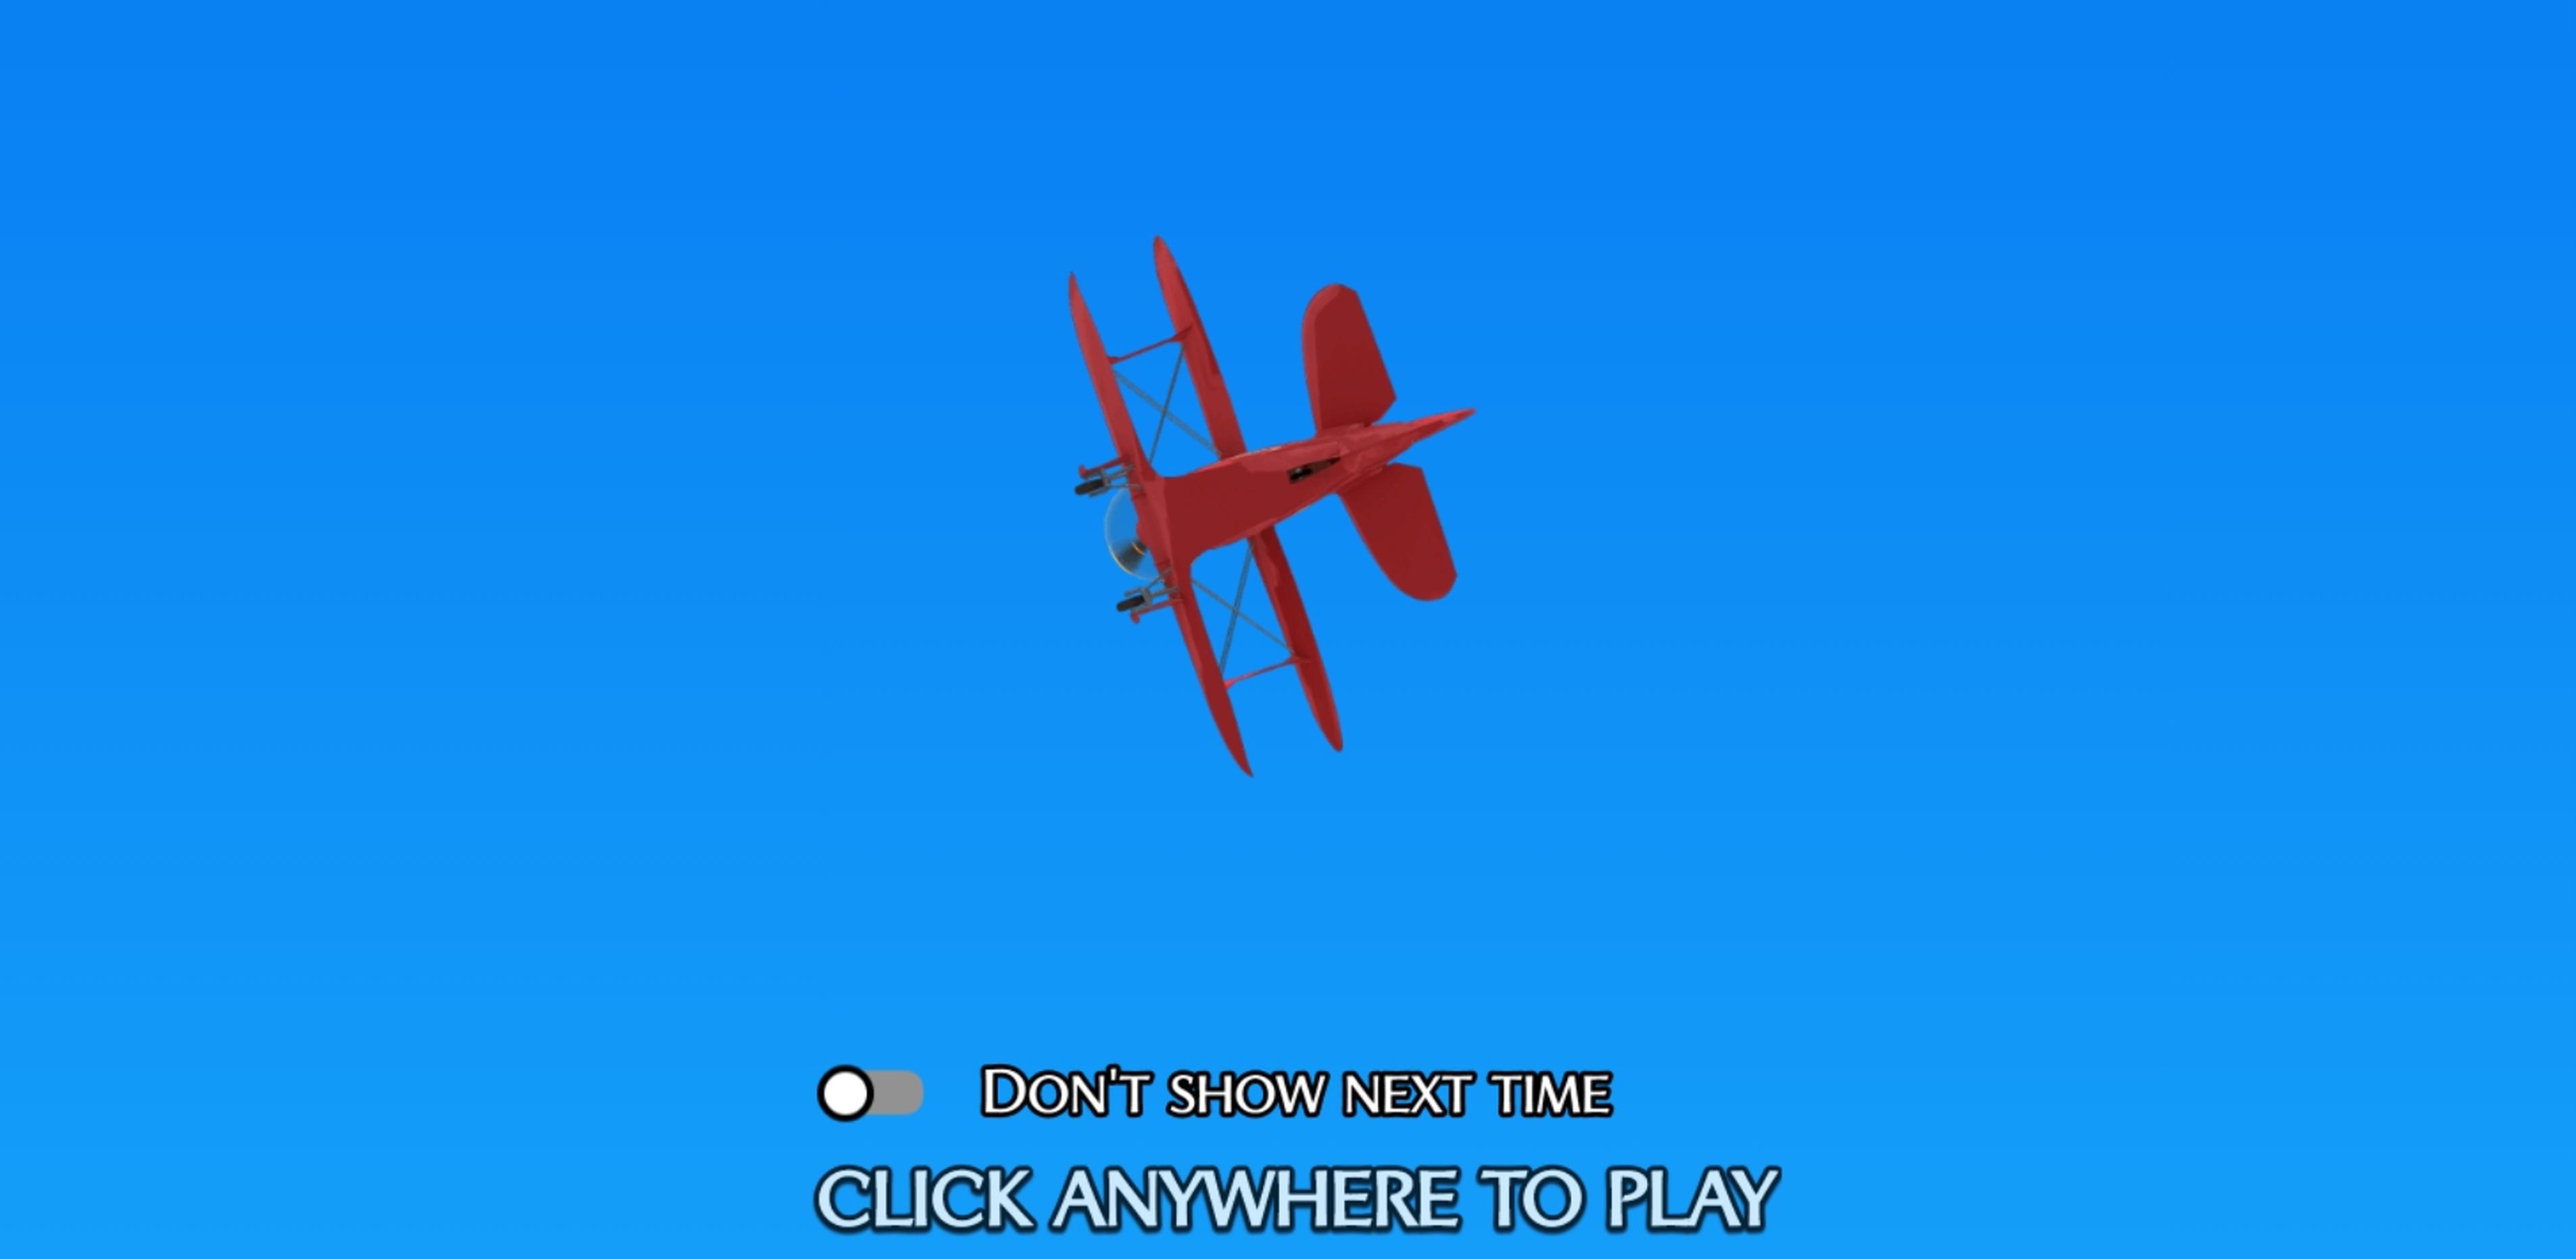 Images ucretsiz 3 elements slot machine online 888